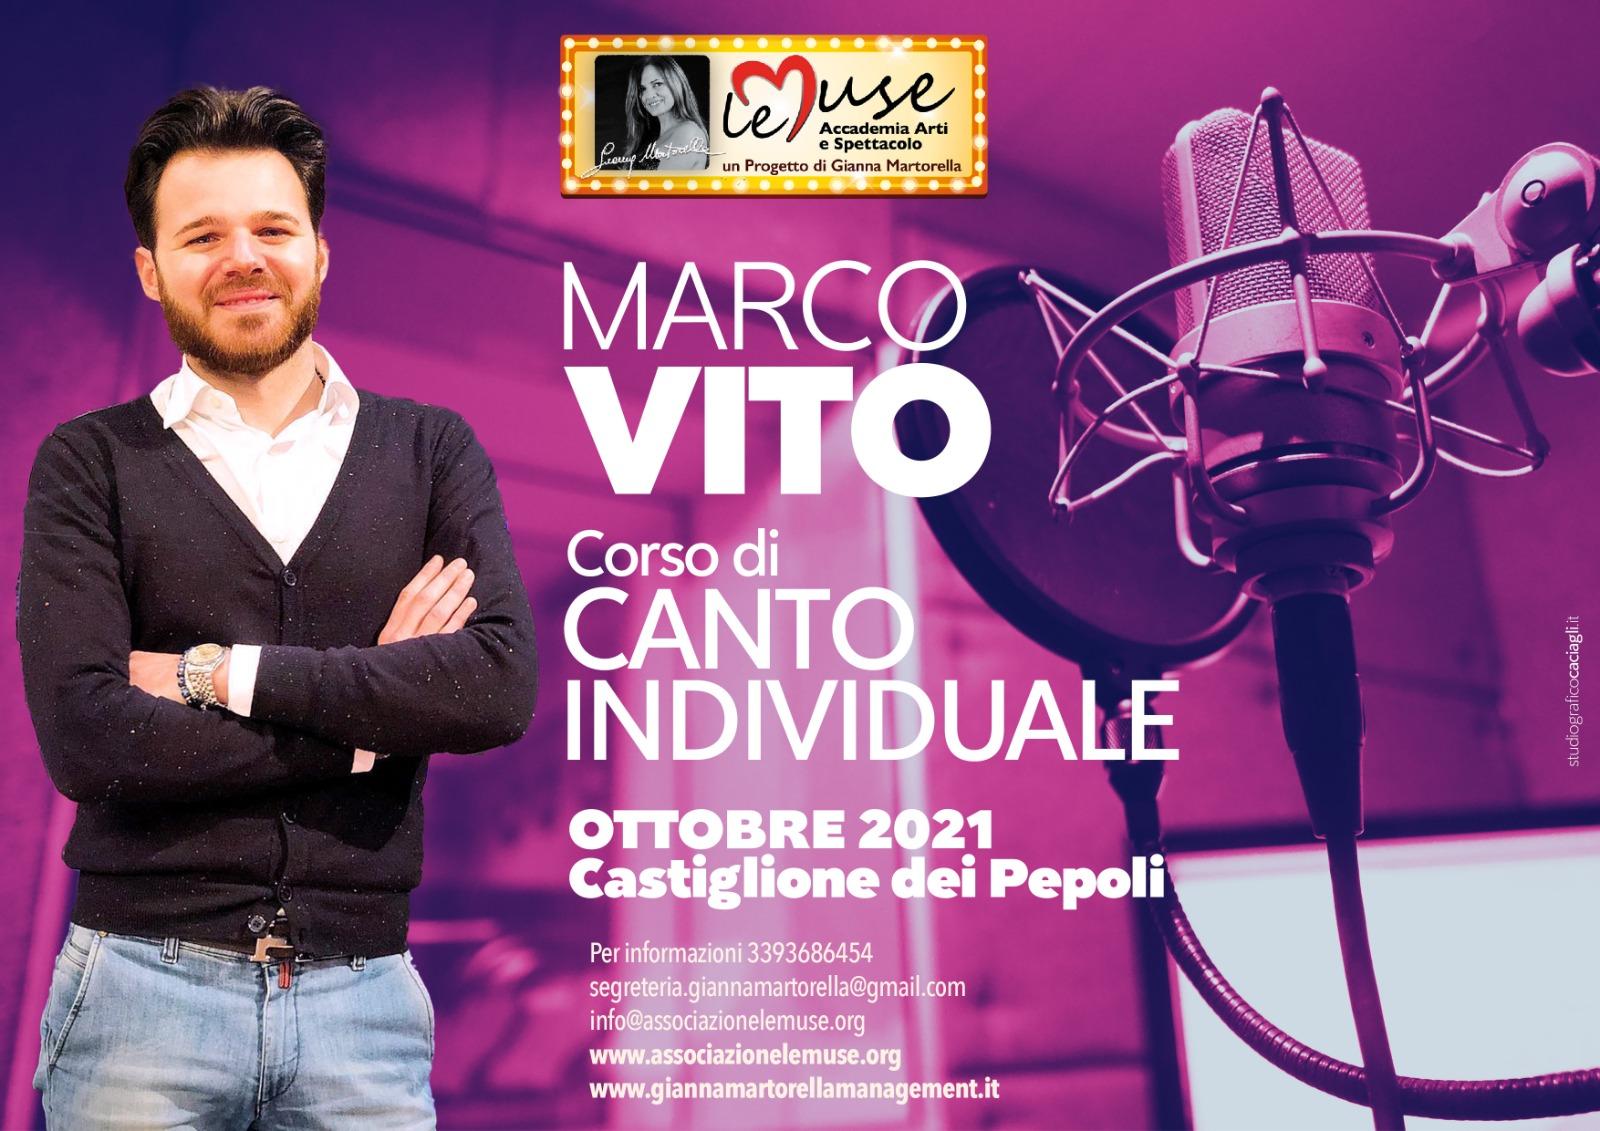 Corso di canto individuale con Marco Vito